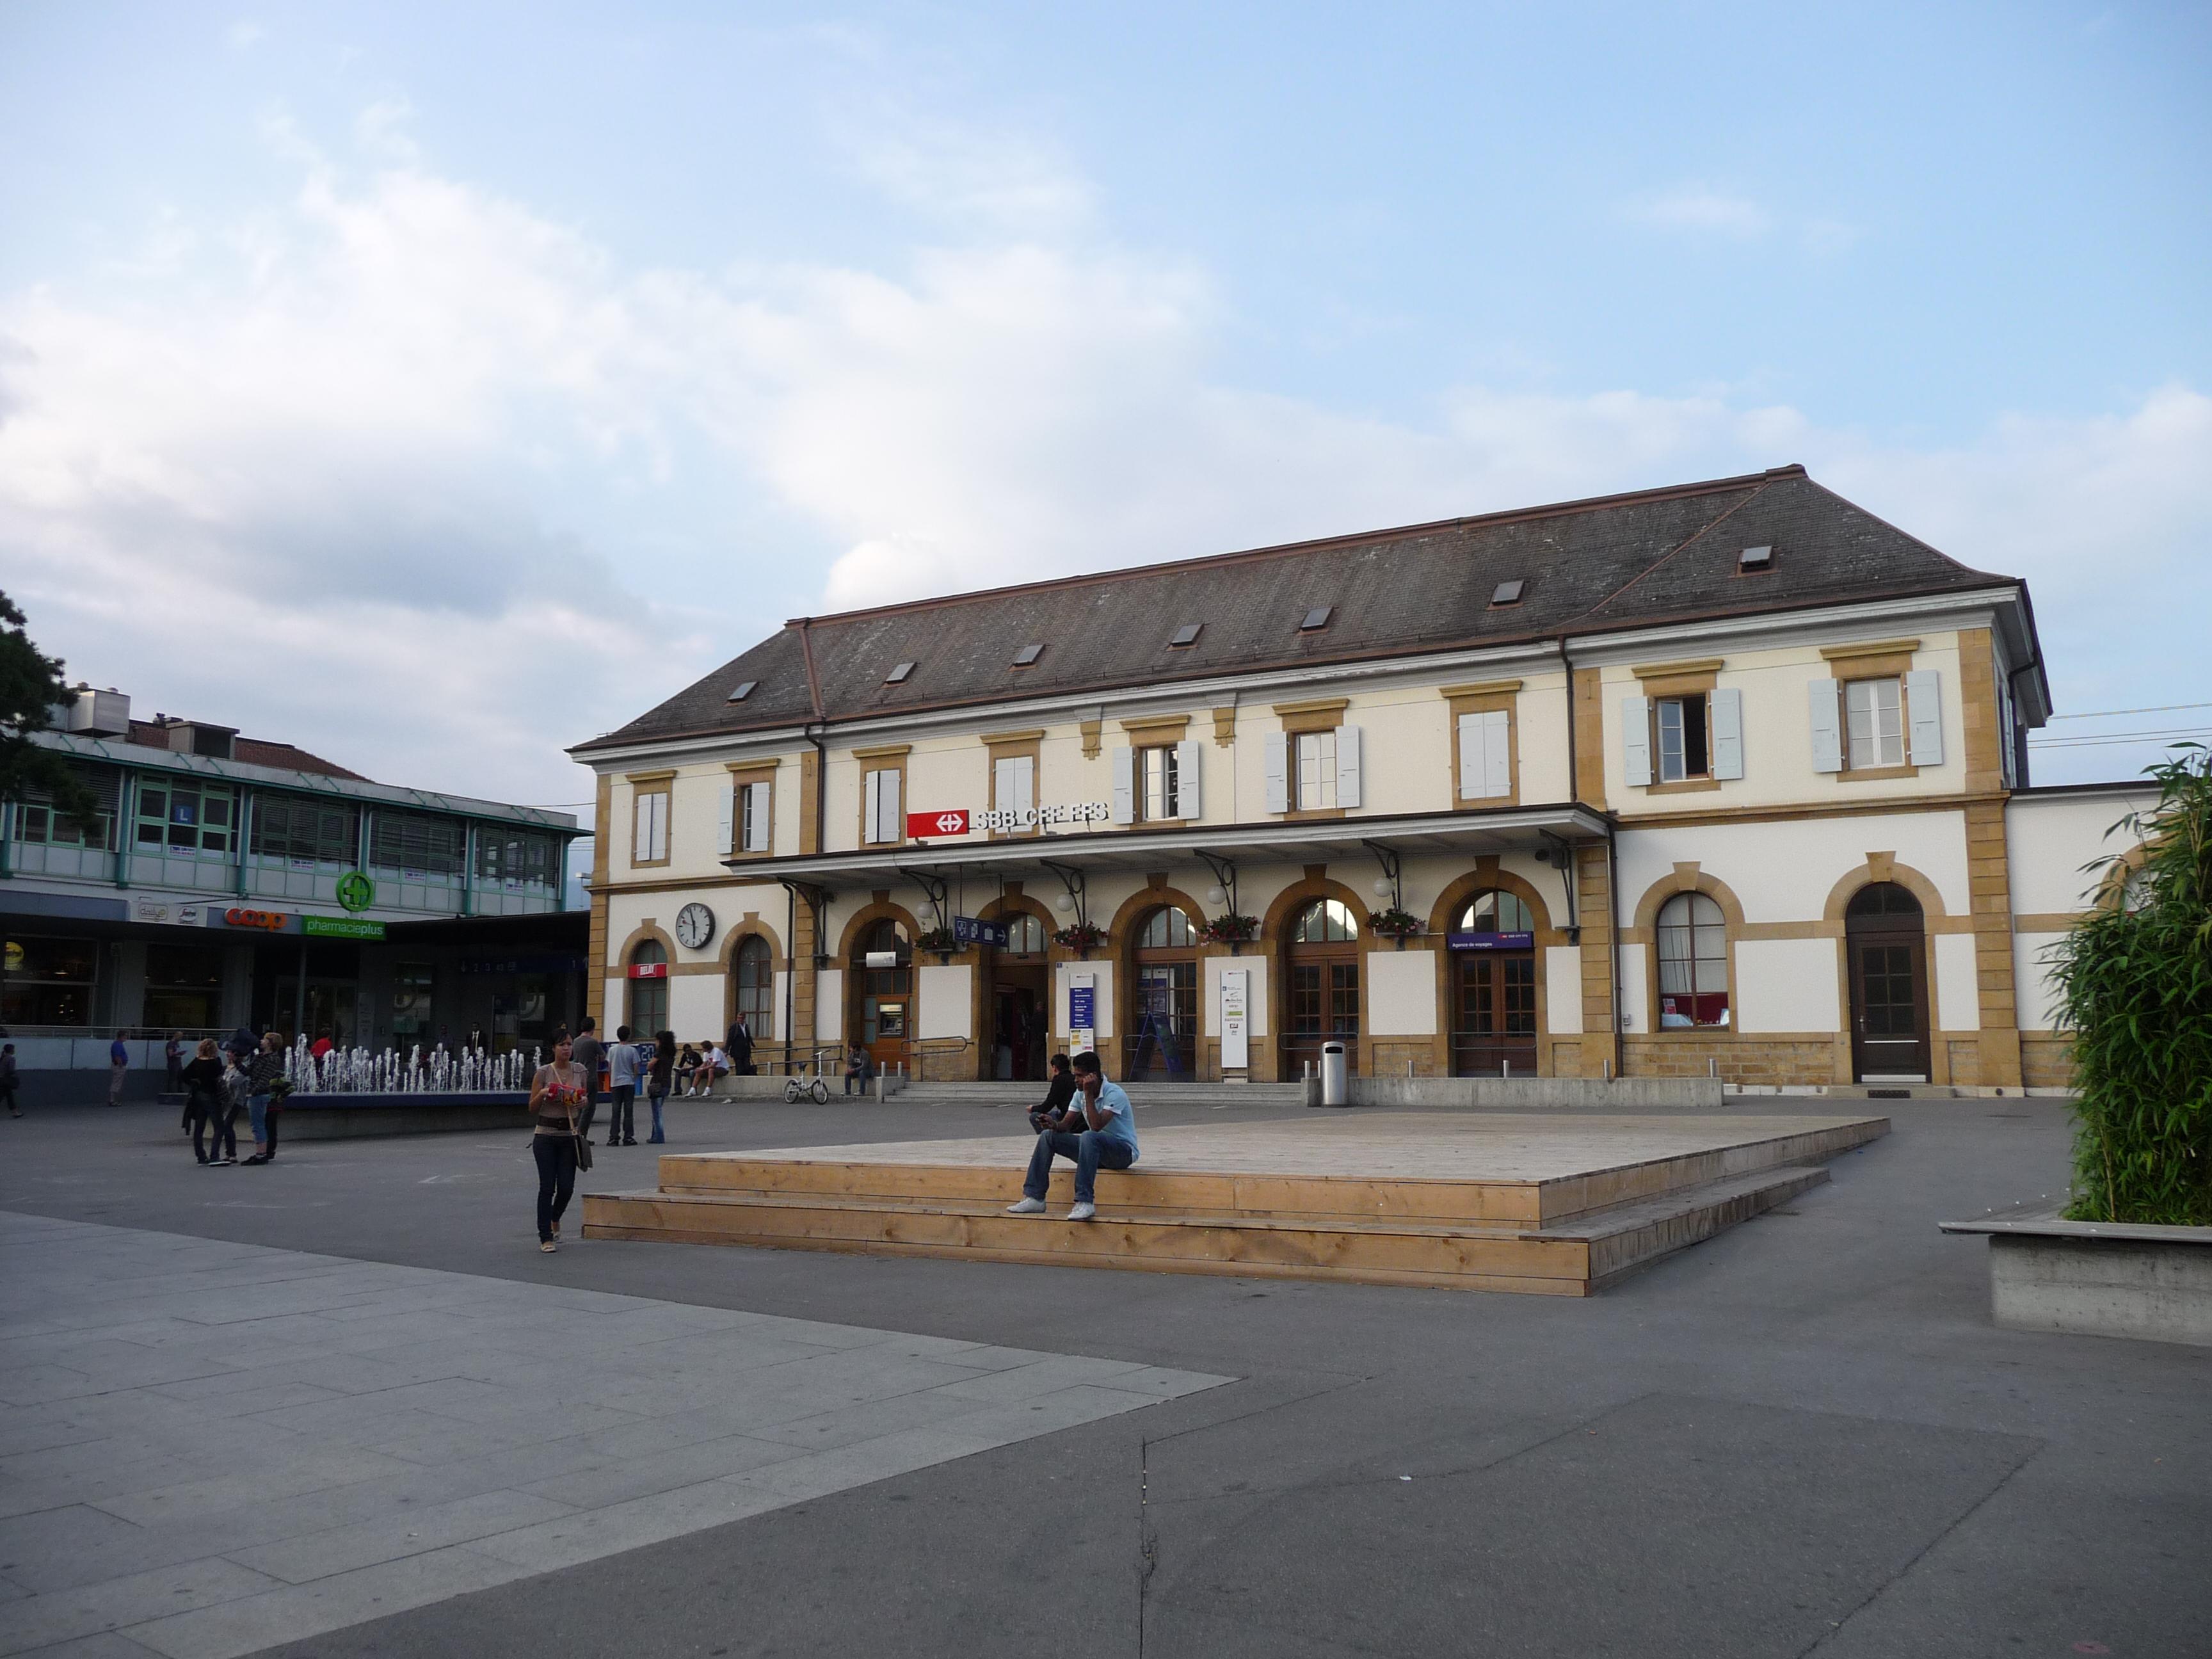 bahnhof_yverdon-les-bains